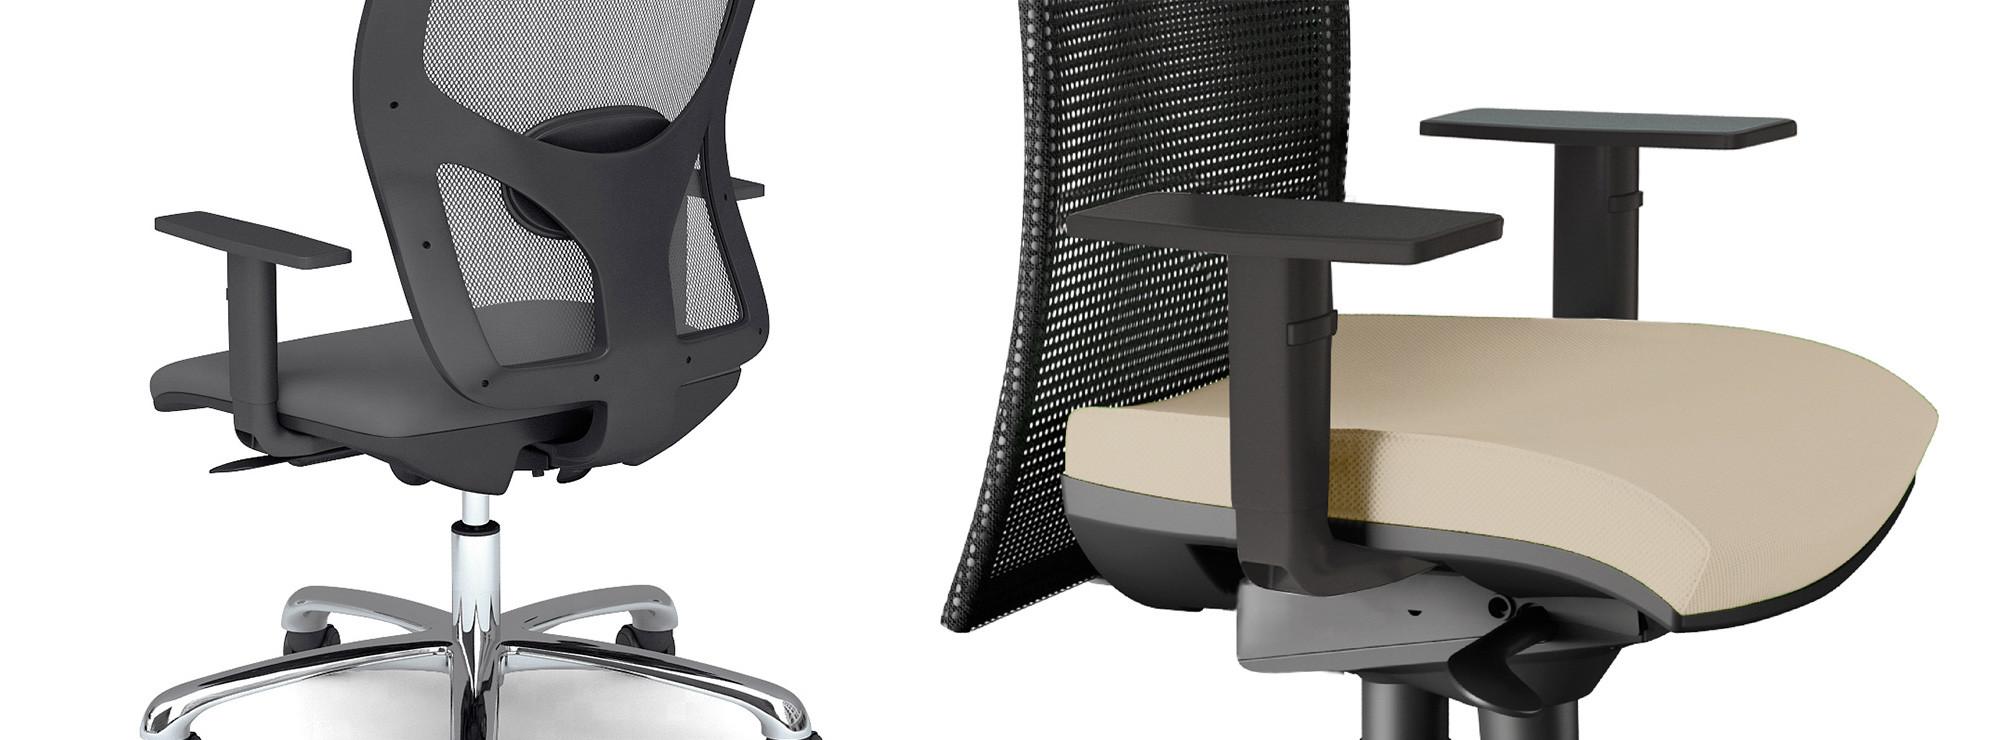 Sedie ergonomiche ufficio contact roma for Sedie ufficio ergonomiche